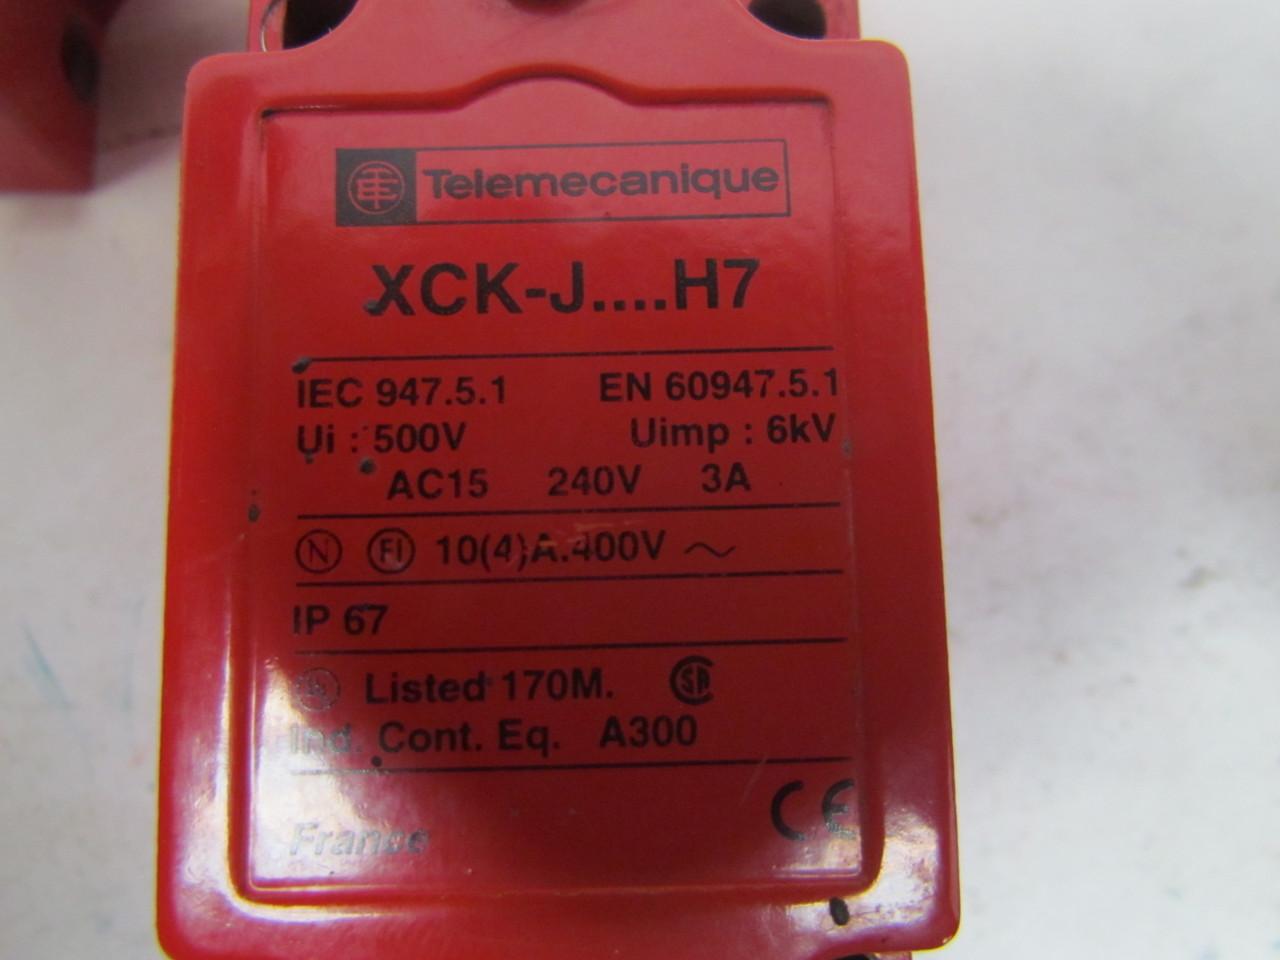 Telemecanique xck j